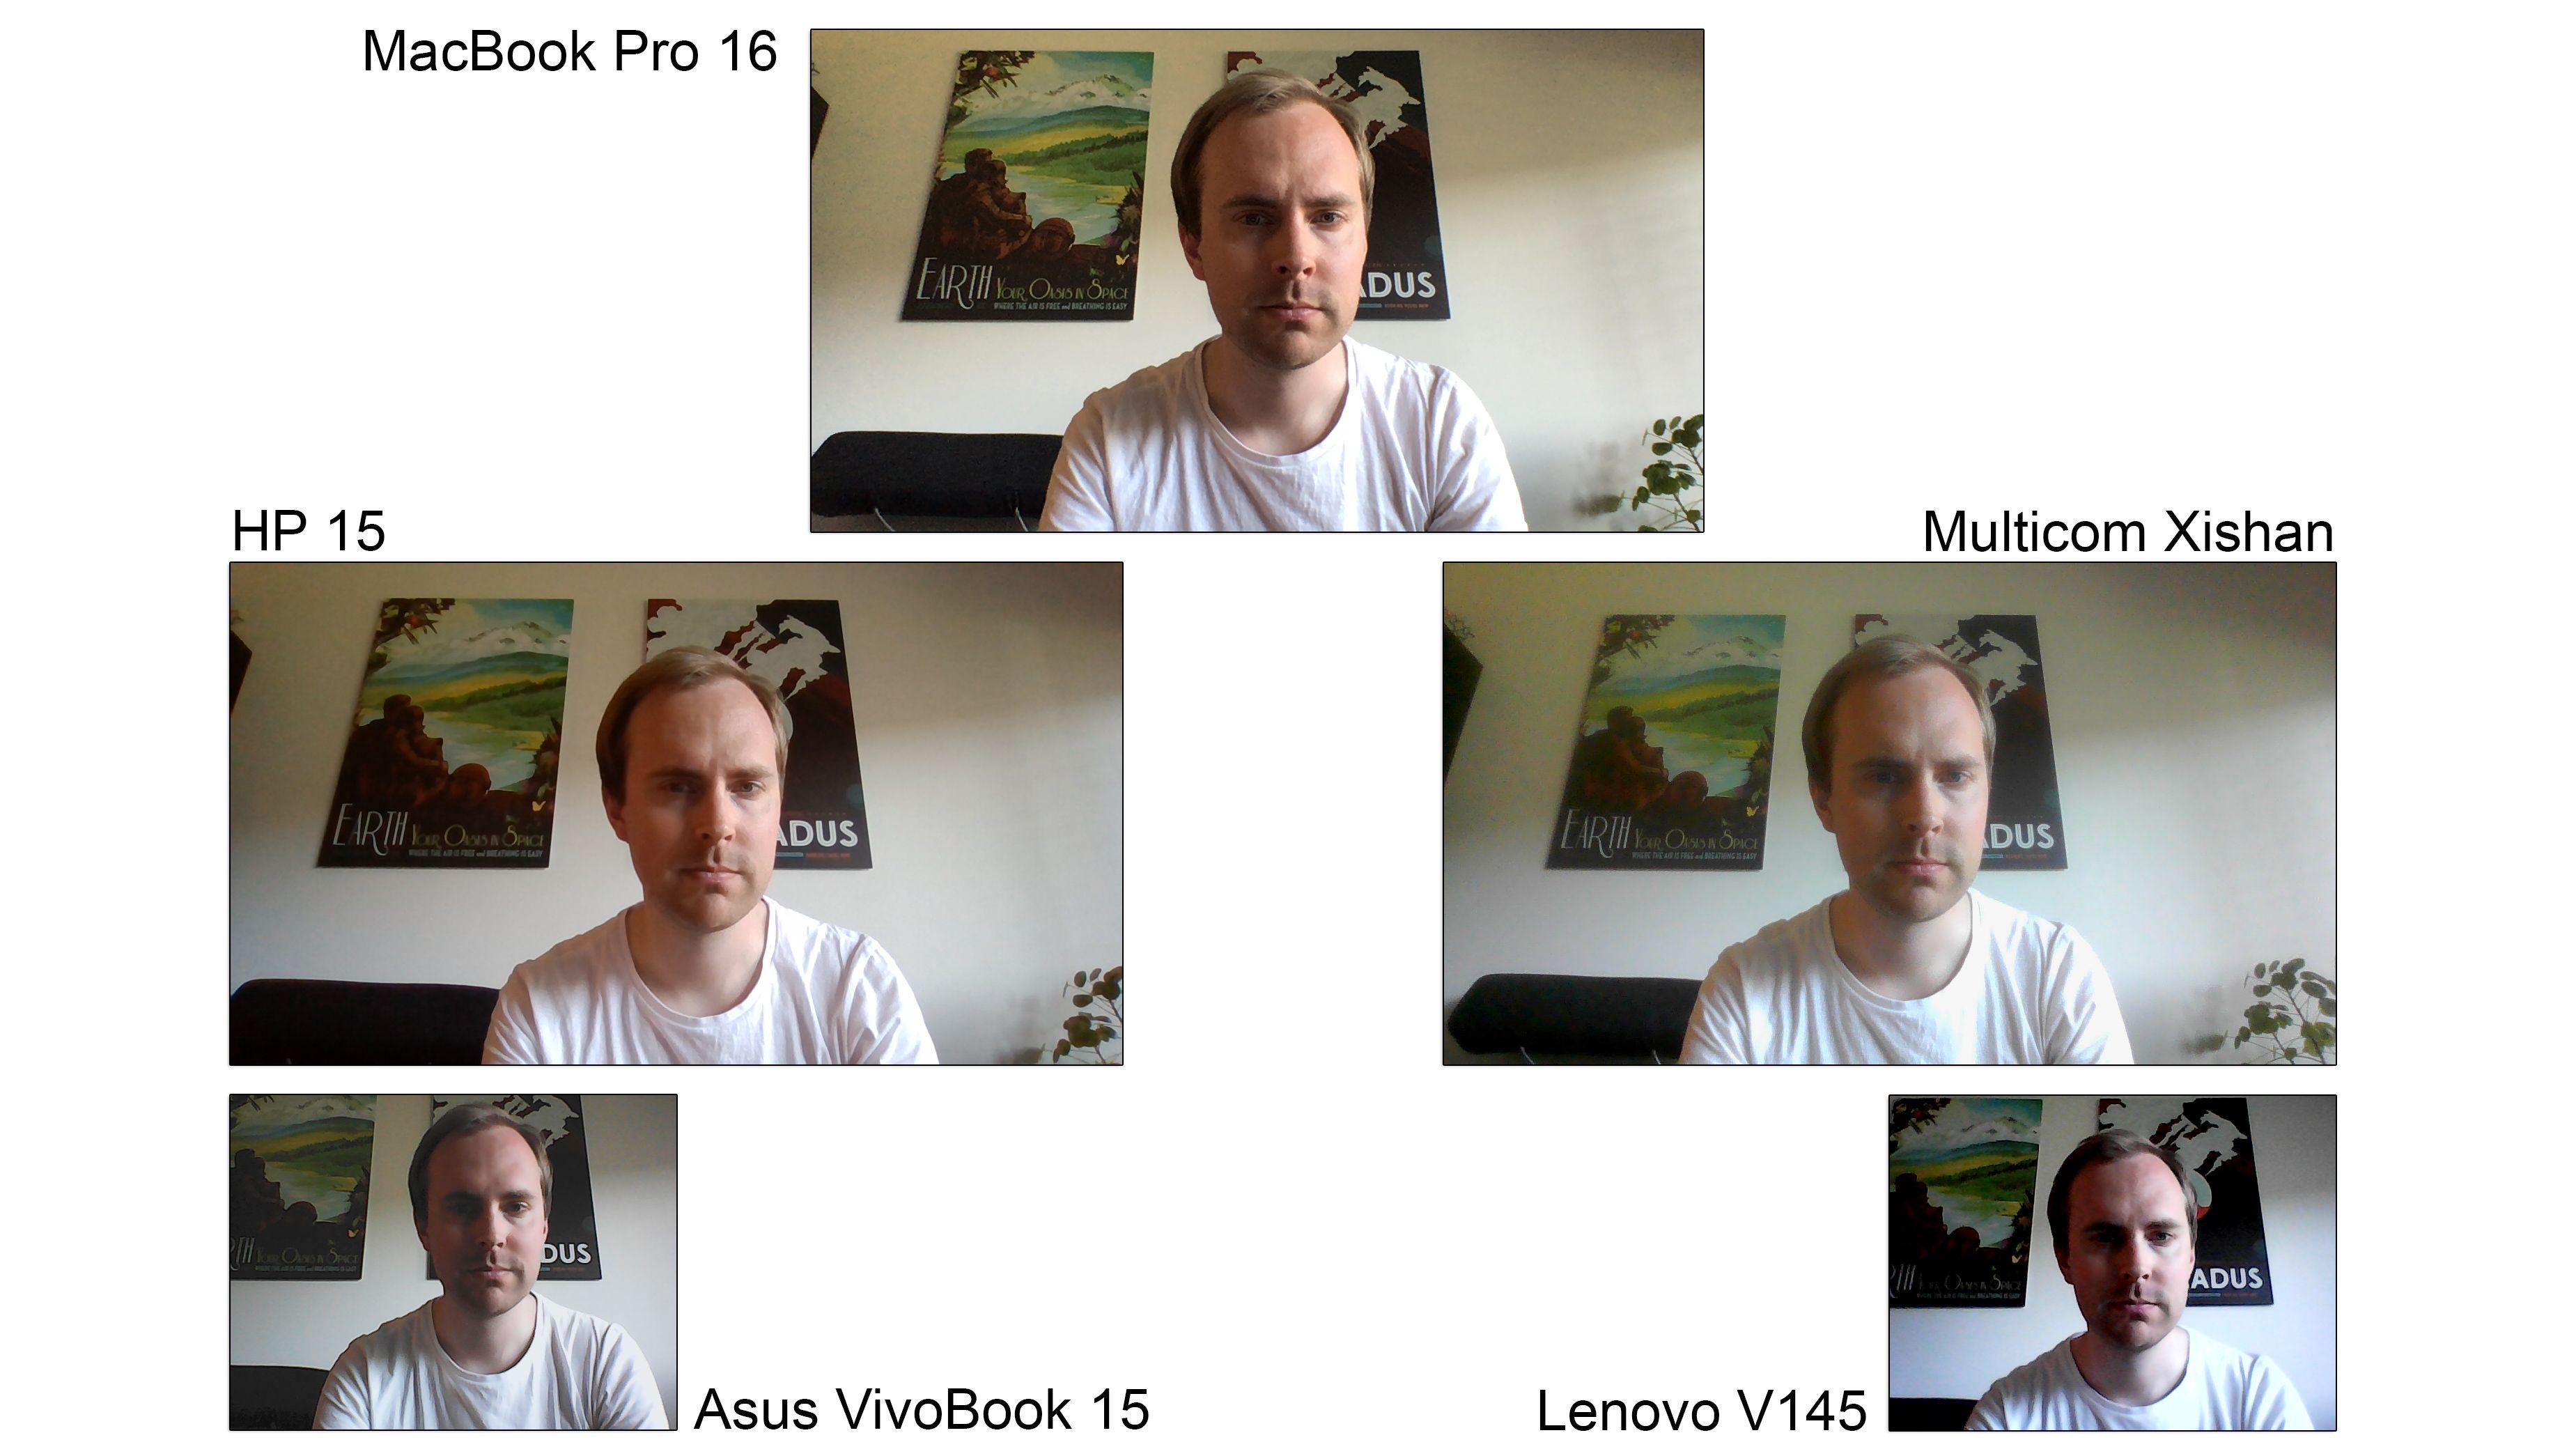 Det er stor forskjell på kameraene. To er helt forferdelige, og ingen kan sies å være «gode». Heller ikke det til MacBook Pro 16, en maskin til over 30.000 kroner som vi brukte som referanse.